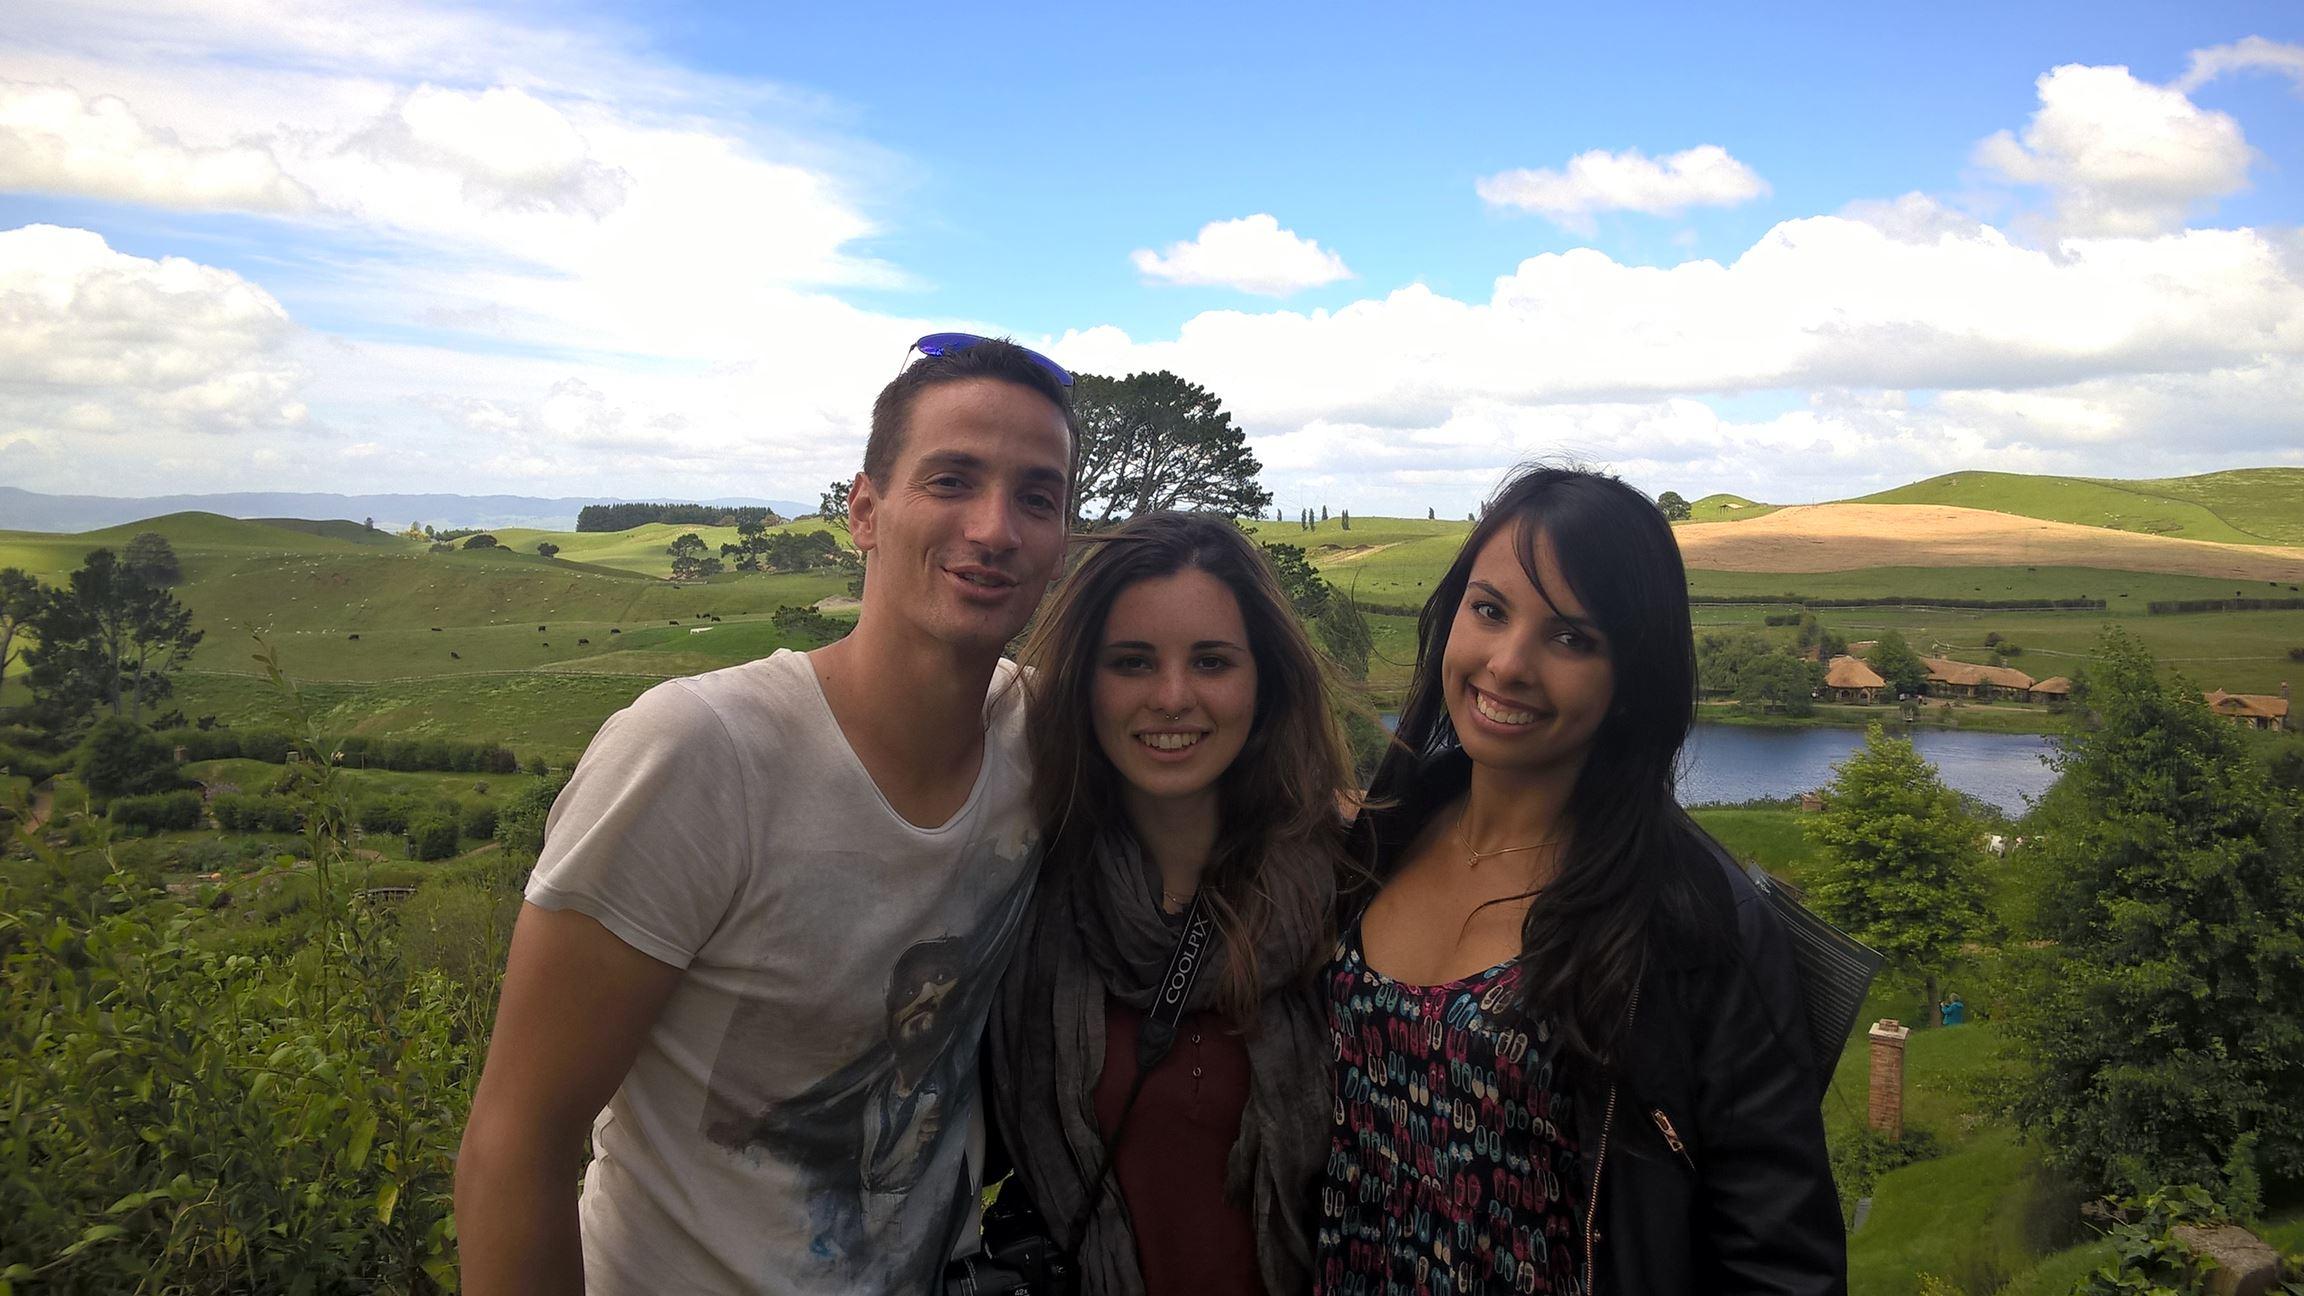 Posing mit unseren Brasilianerinnen: Tati und Jaque